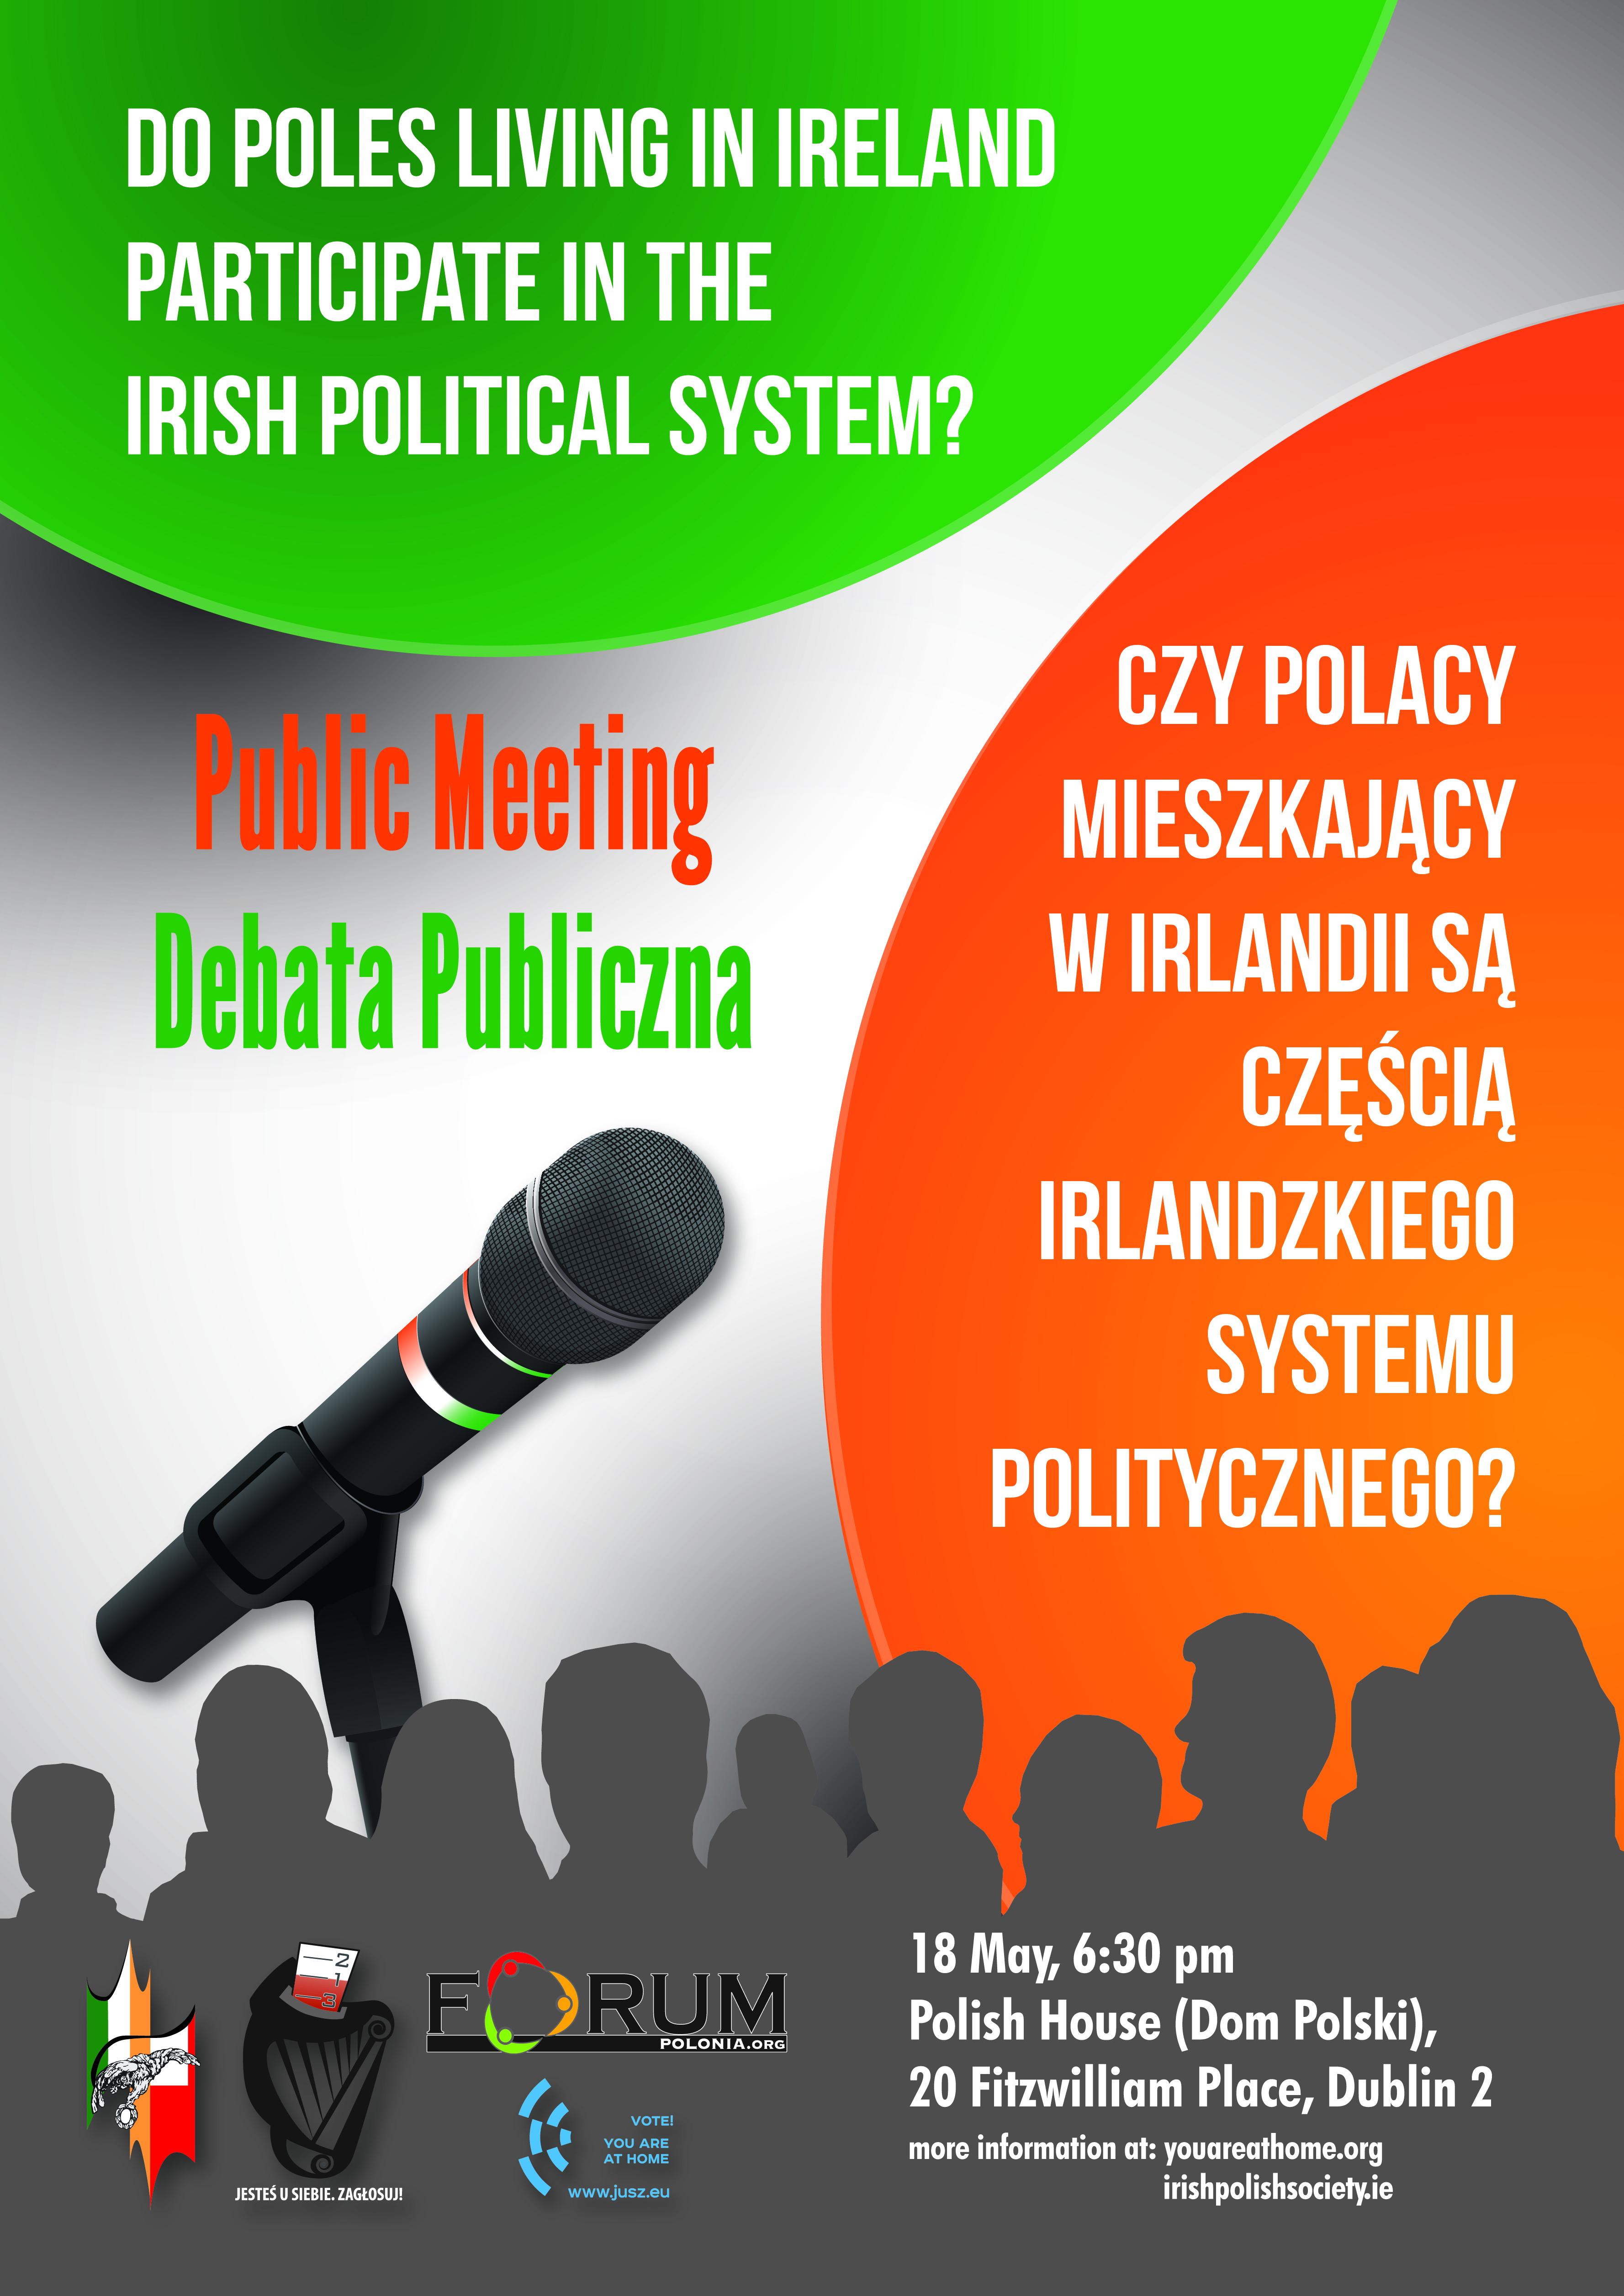 The Irish Polish Society and Forum Polonia cordially invite